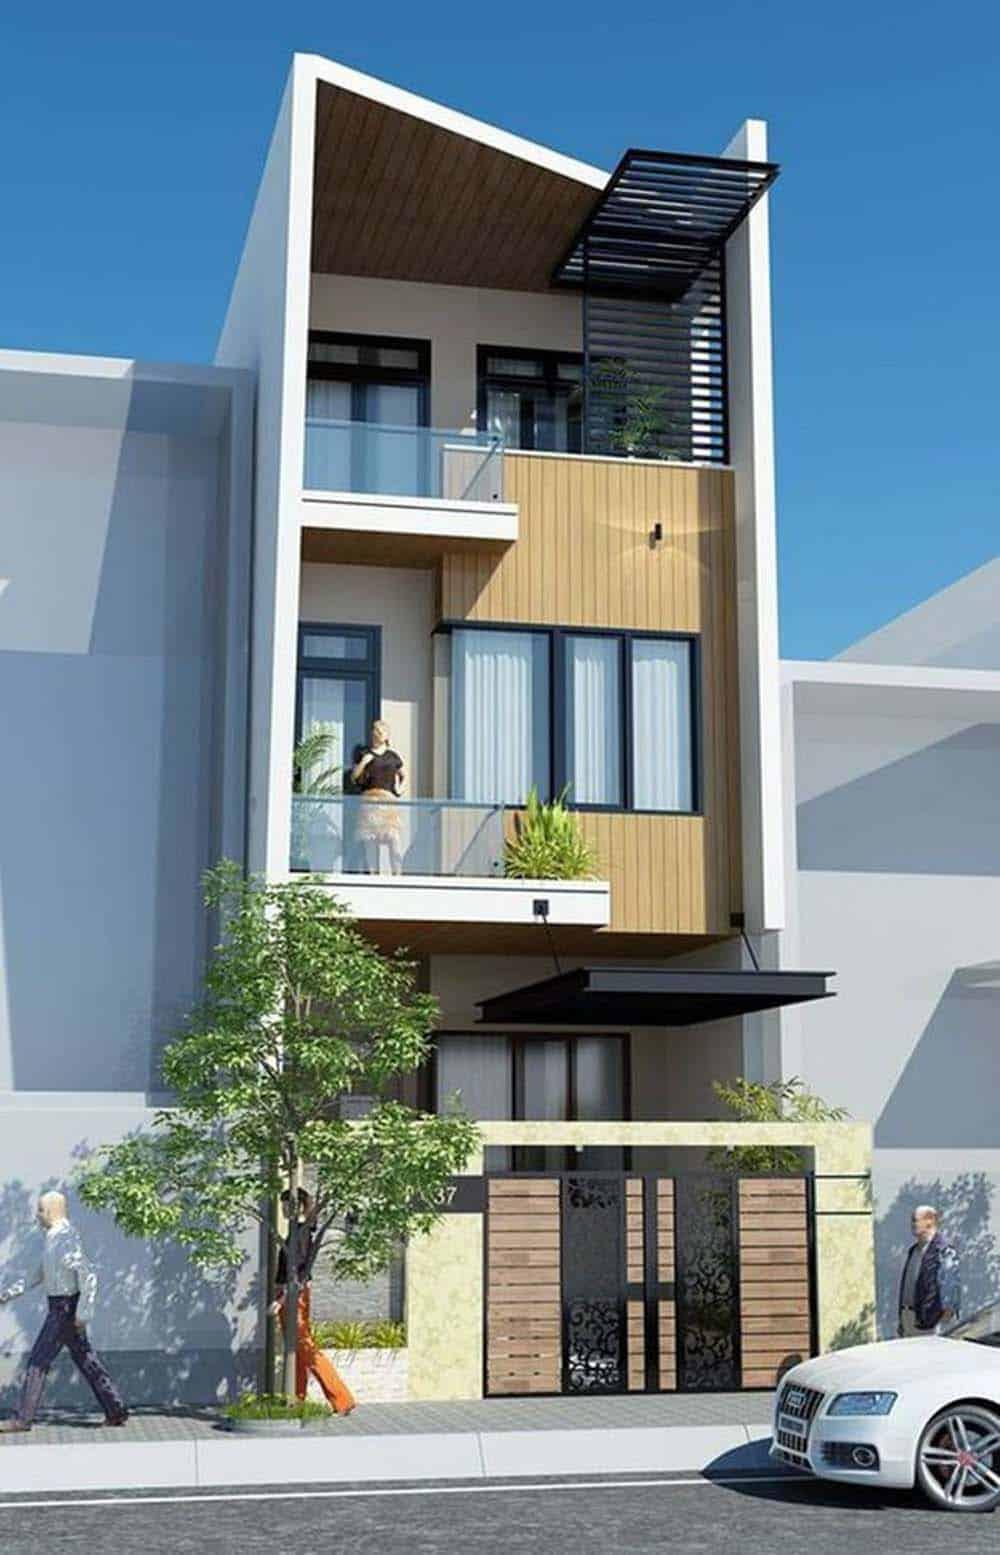 Diện tích đất nền hẹp vẫn có thể xây dựng được những căn nhà đẹp như thế này